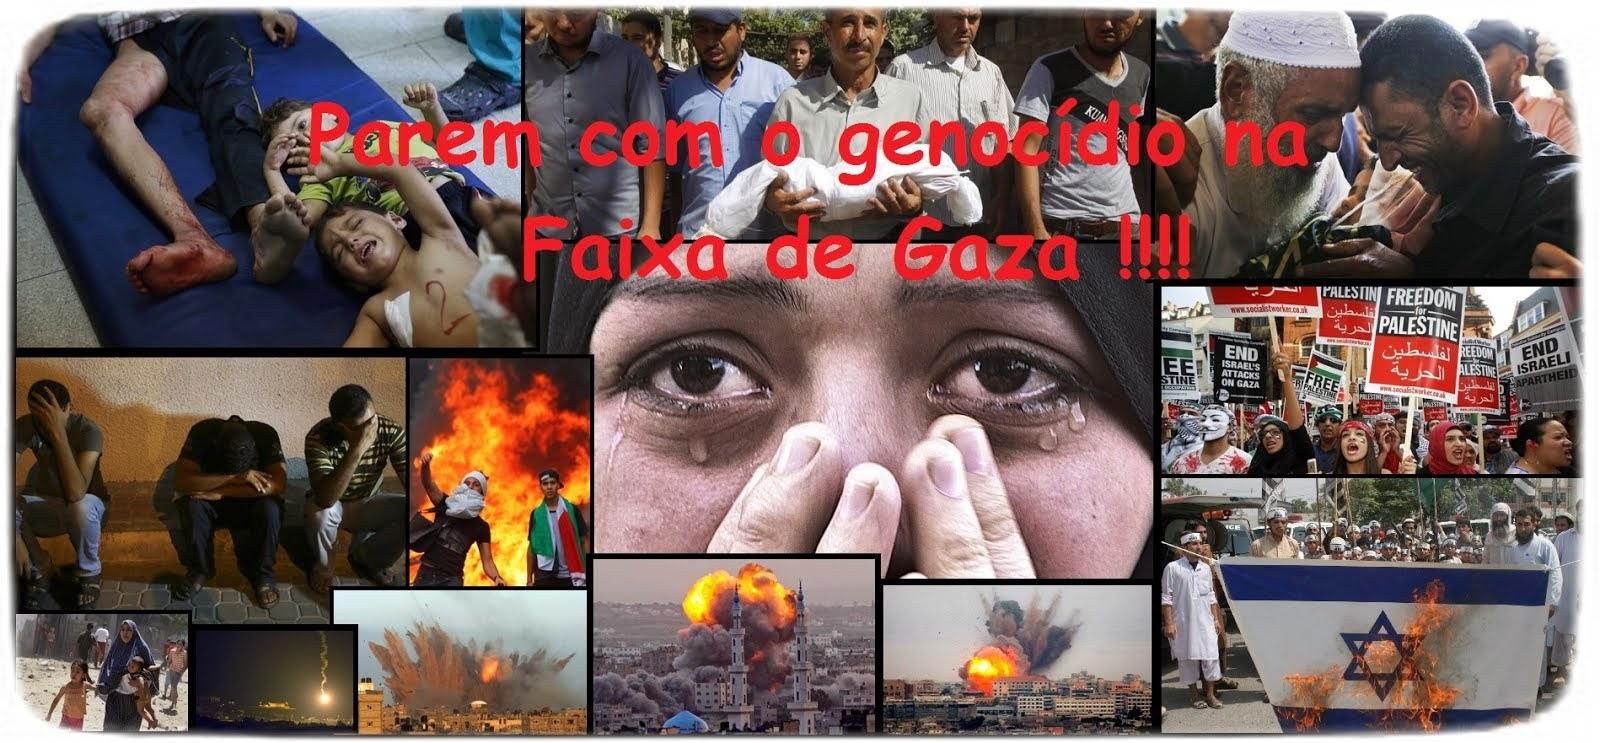 ACABEM COM O GENOCÍDIO NA FAIXA DE GAZA